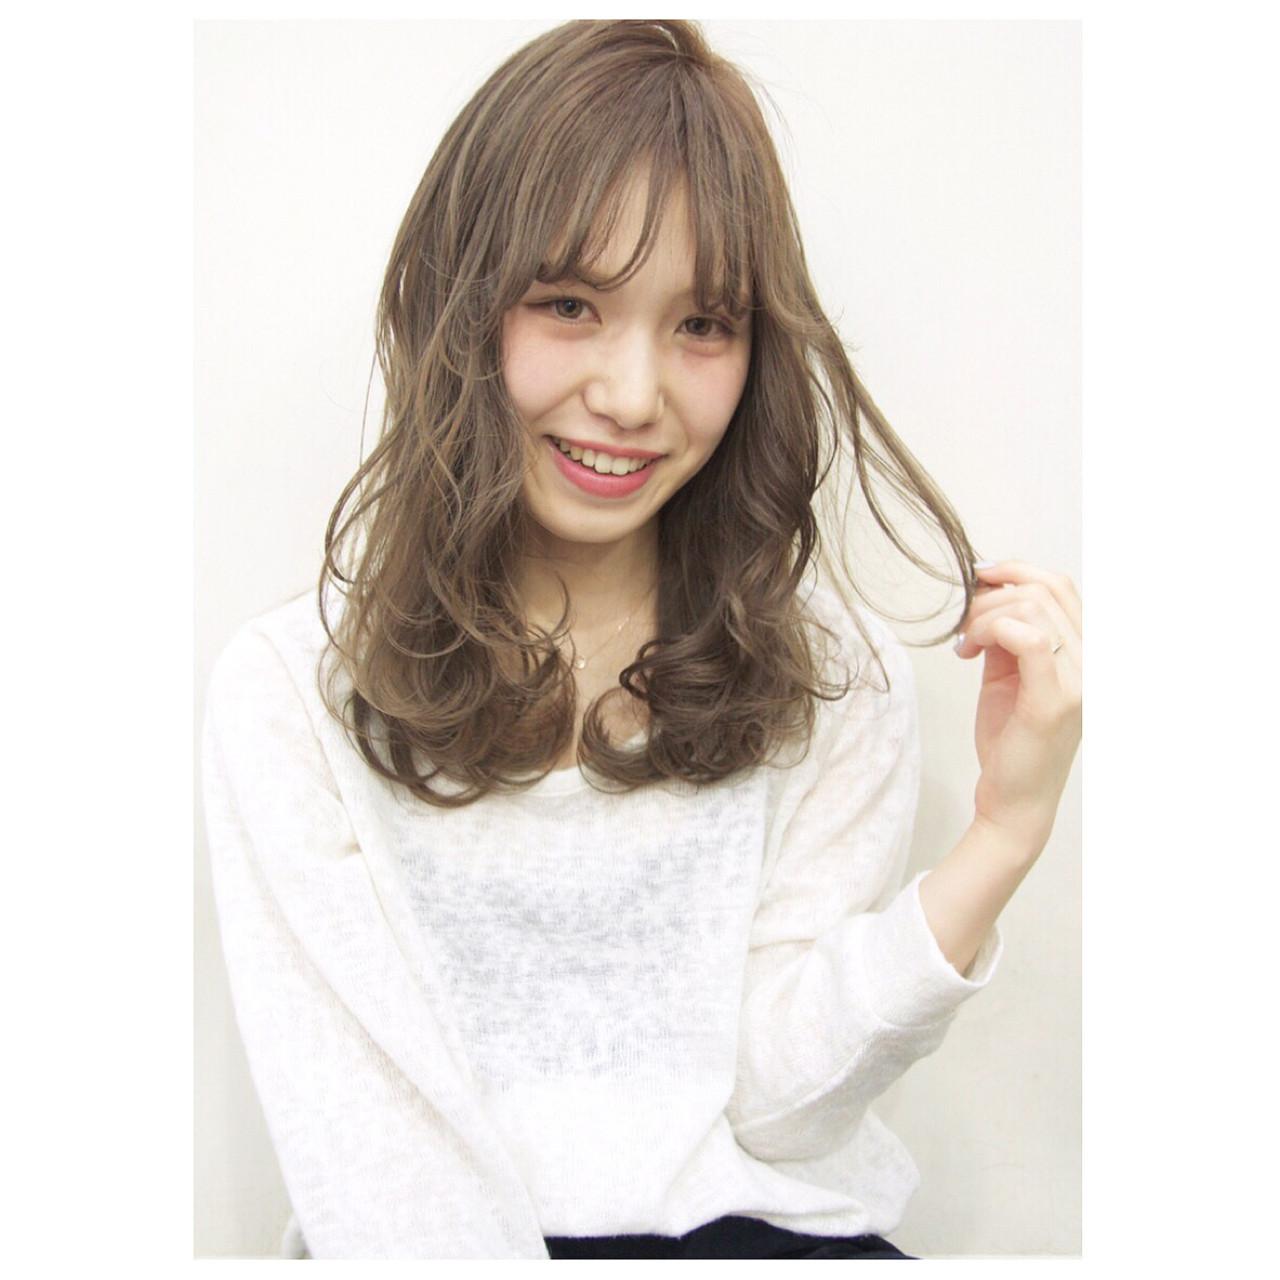 ミディアム レイヤーカット 黒髪 パーマ ヘアスタイルや髪型の写真・画像 | Ryota Yamamoto Daisy / Daisy